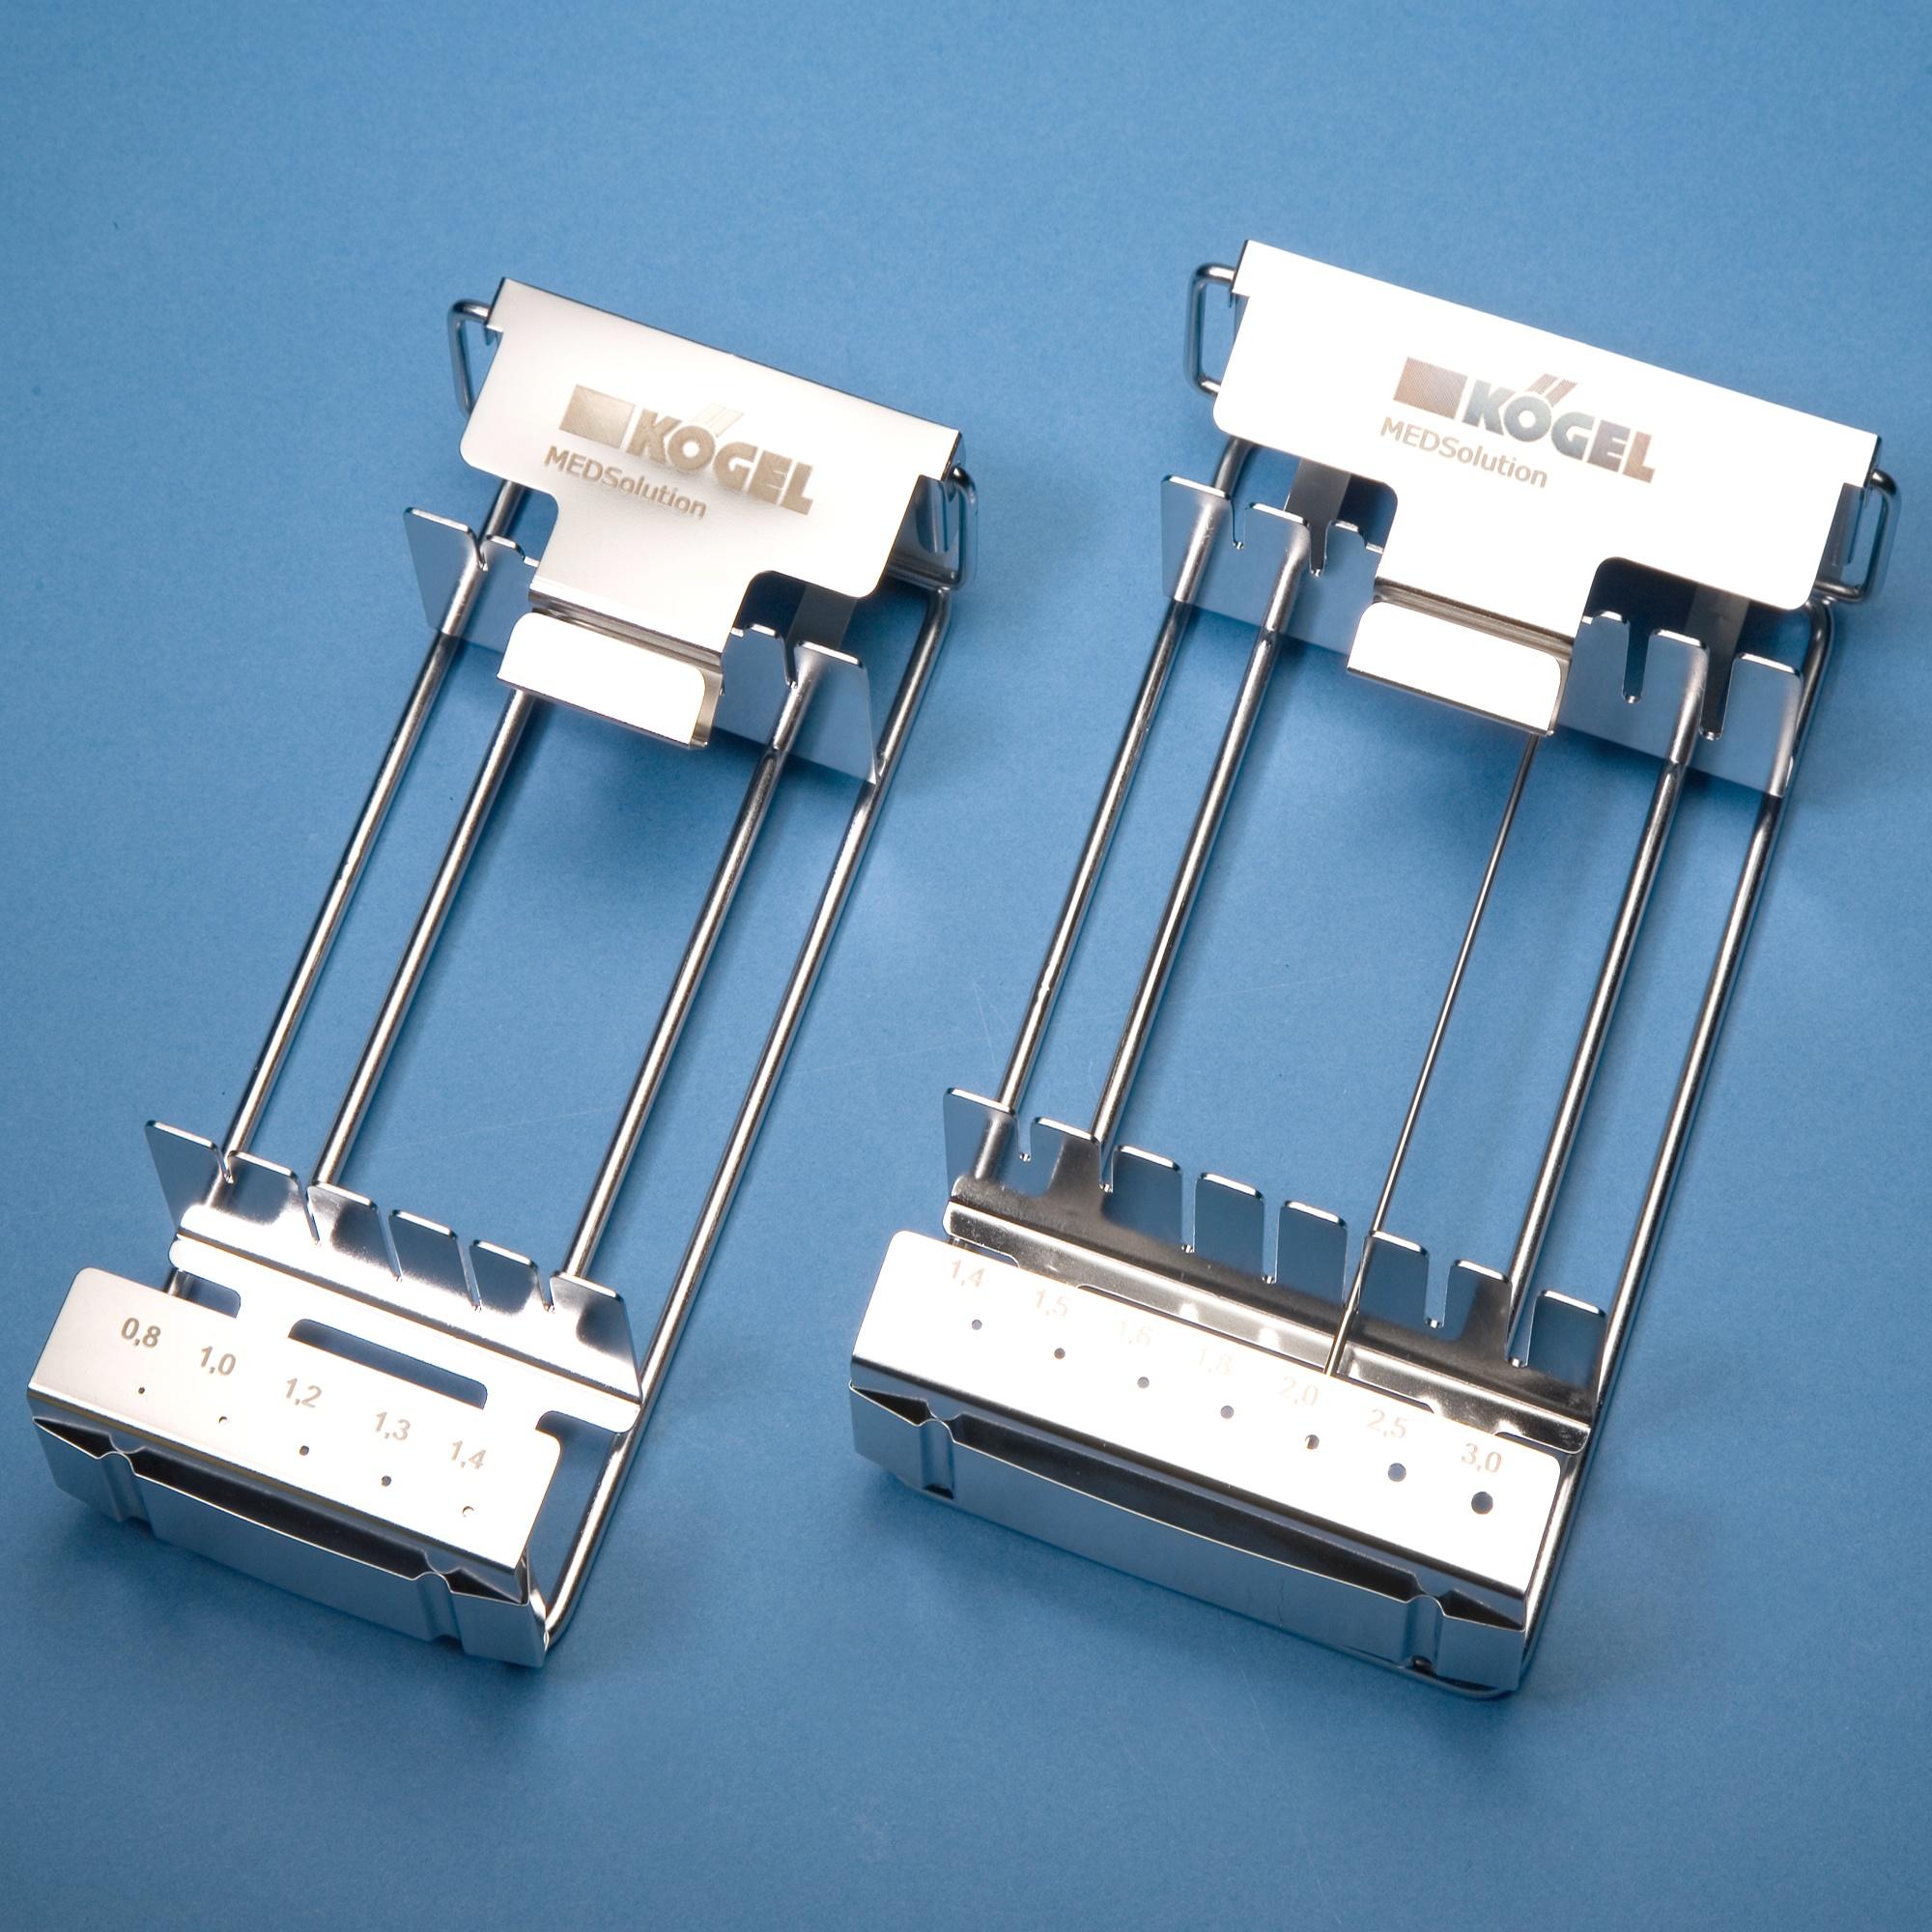 Bohrdrahtspender für Drahtdurchmesser: 0,8 - 2,0 mm - Matthes ...